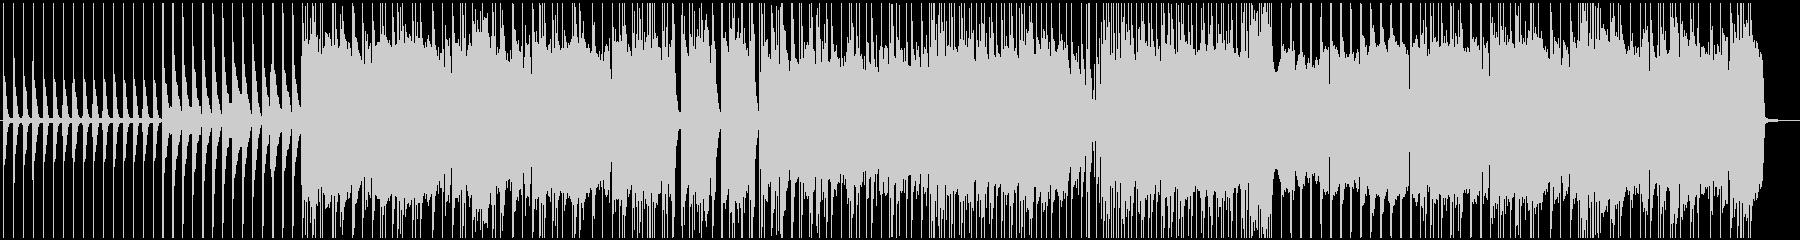 オルタナティブロックインストゥルメ...の未再生の波形